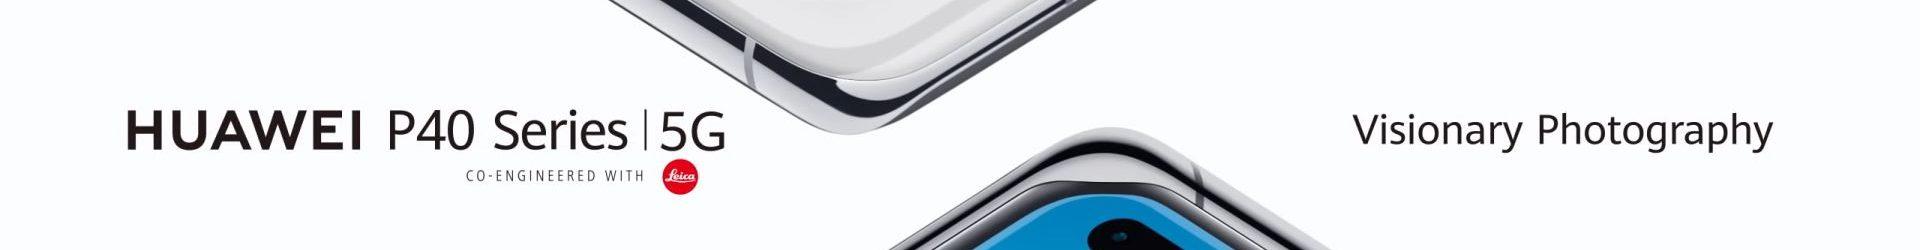 Huawei P40, P40 Pro e P40 Pro+ ufficiali: Huawei si fa in tre per offrire smartphone con fotocamere top (e non solo)